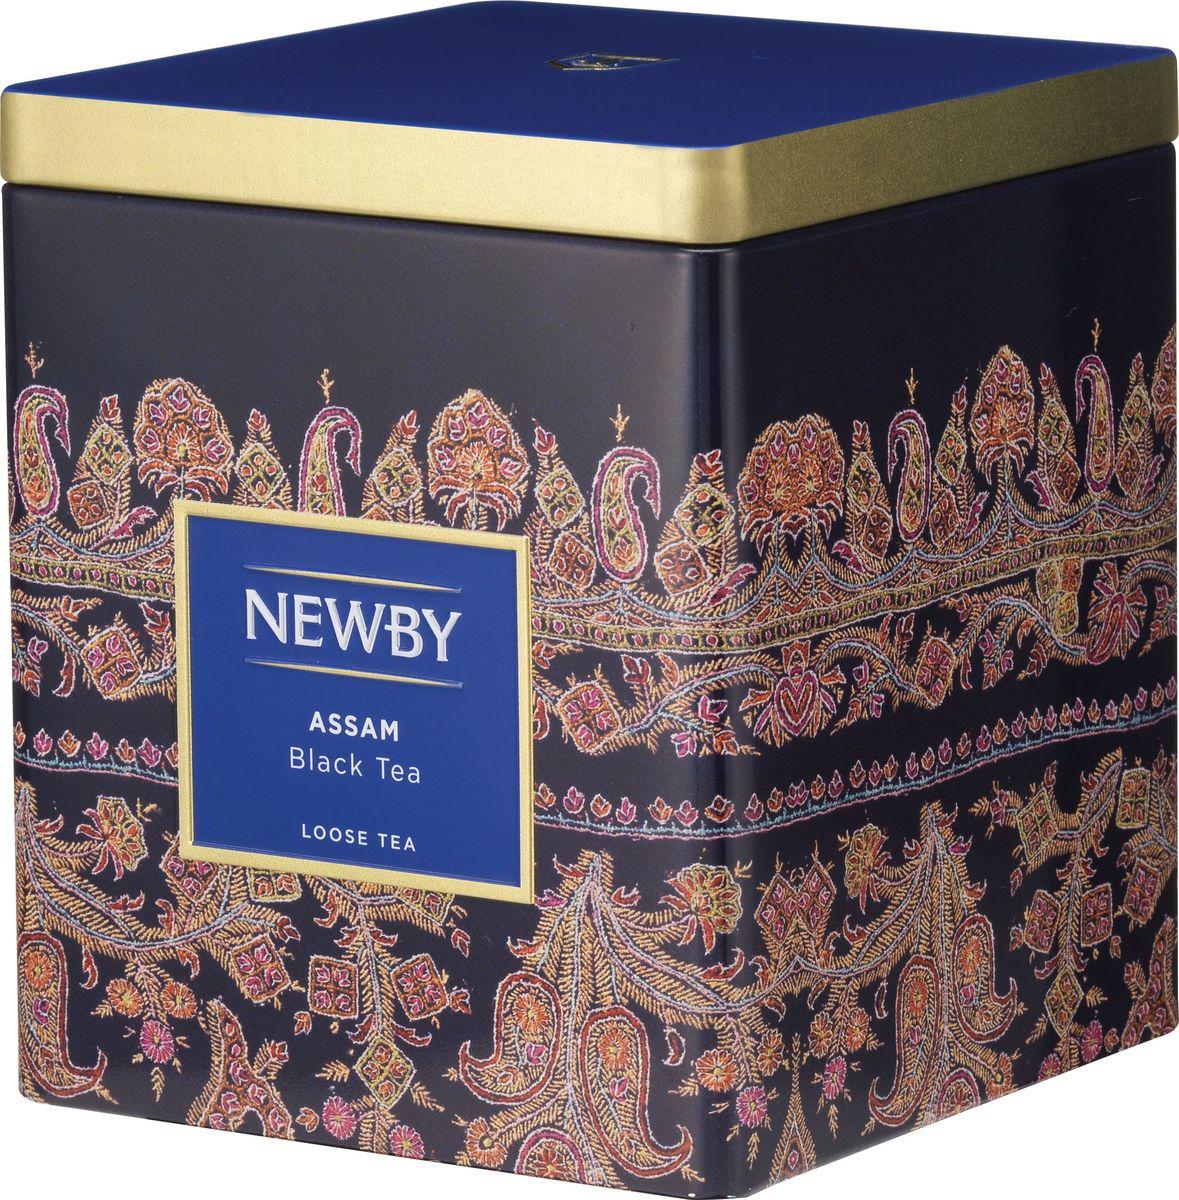 Newby Assam Safari черный листовой чай, 125 г130010АЧай из знаменитого чайного штата Ассам на северо-востоке Индии. Золотистые почки, янтарный настой с ароматом мелассы и солодовым послевкусием. По-настоящему крепкий, бодрящий чай.Всё о чае: сорта, факты, советы по выбору и употреблению. Статья OZON Гид